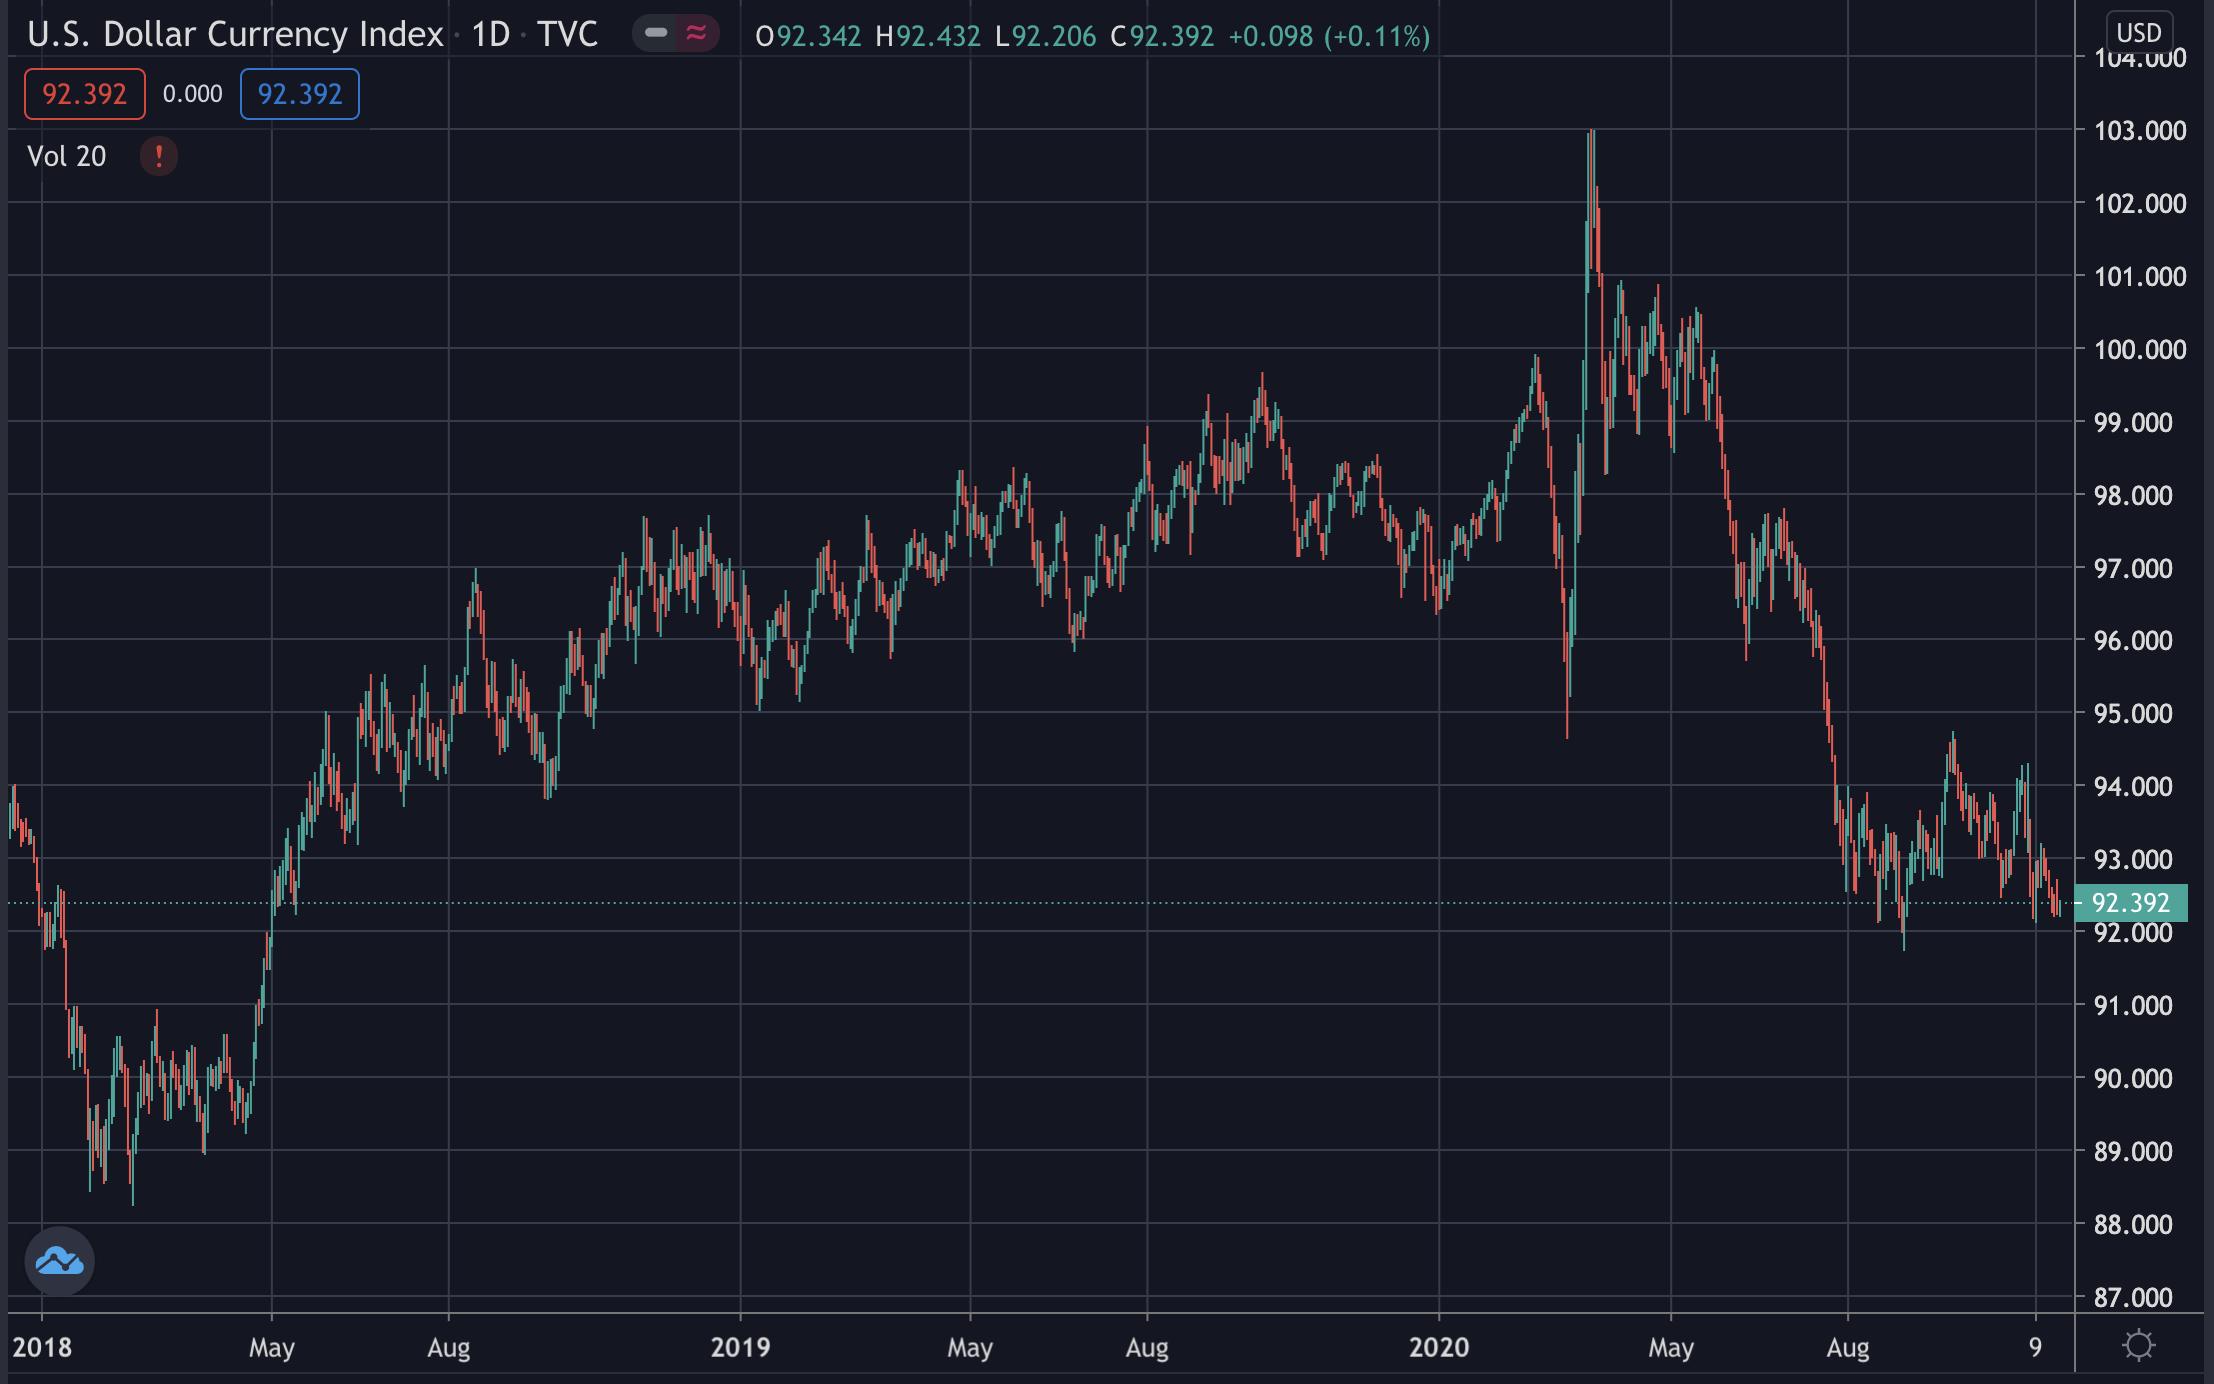 Falling dollar, Nov 2020